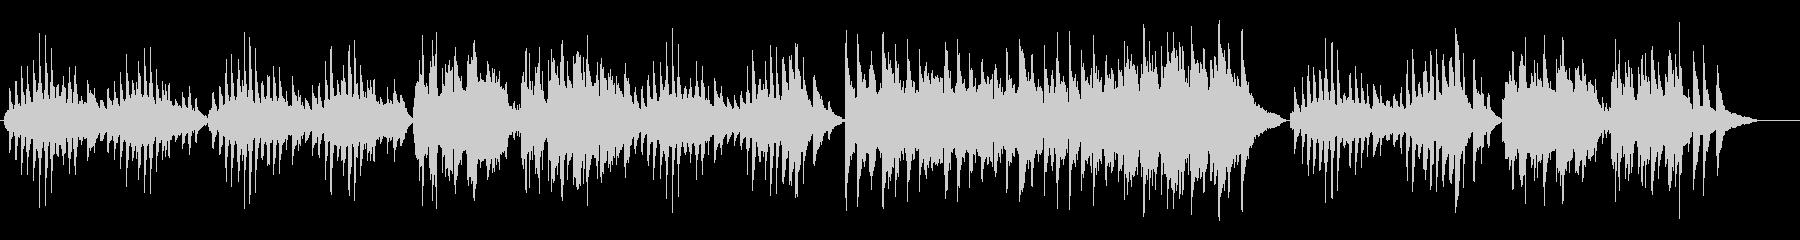 ドヴォルザーク/ユモレスク_ヴァイオリンの未再生の波形